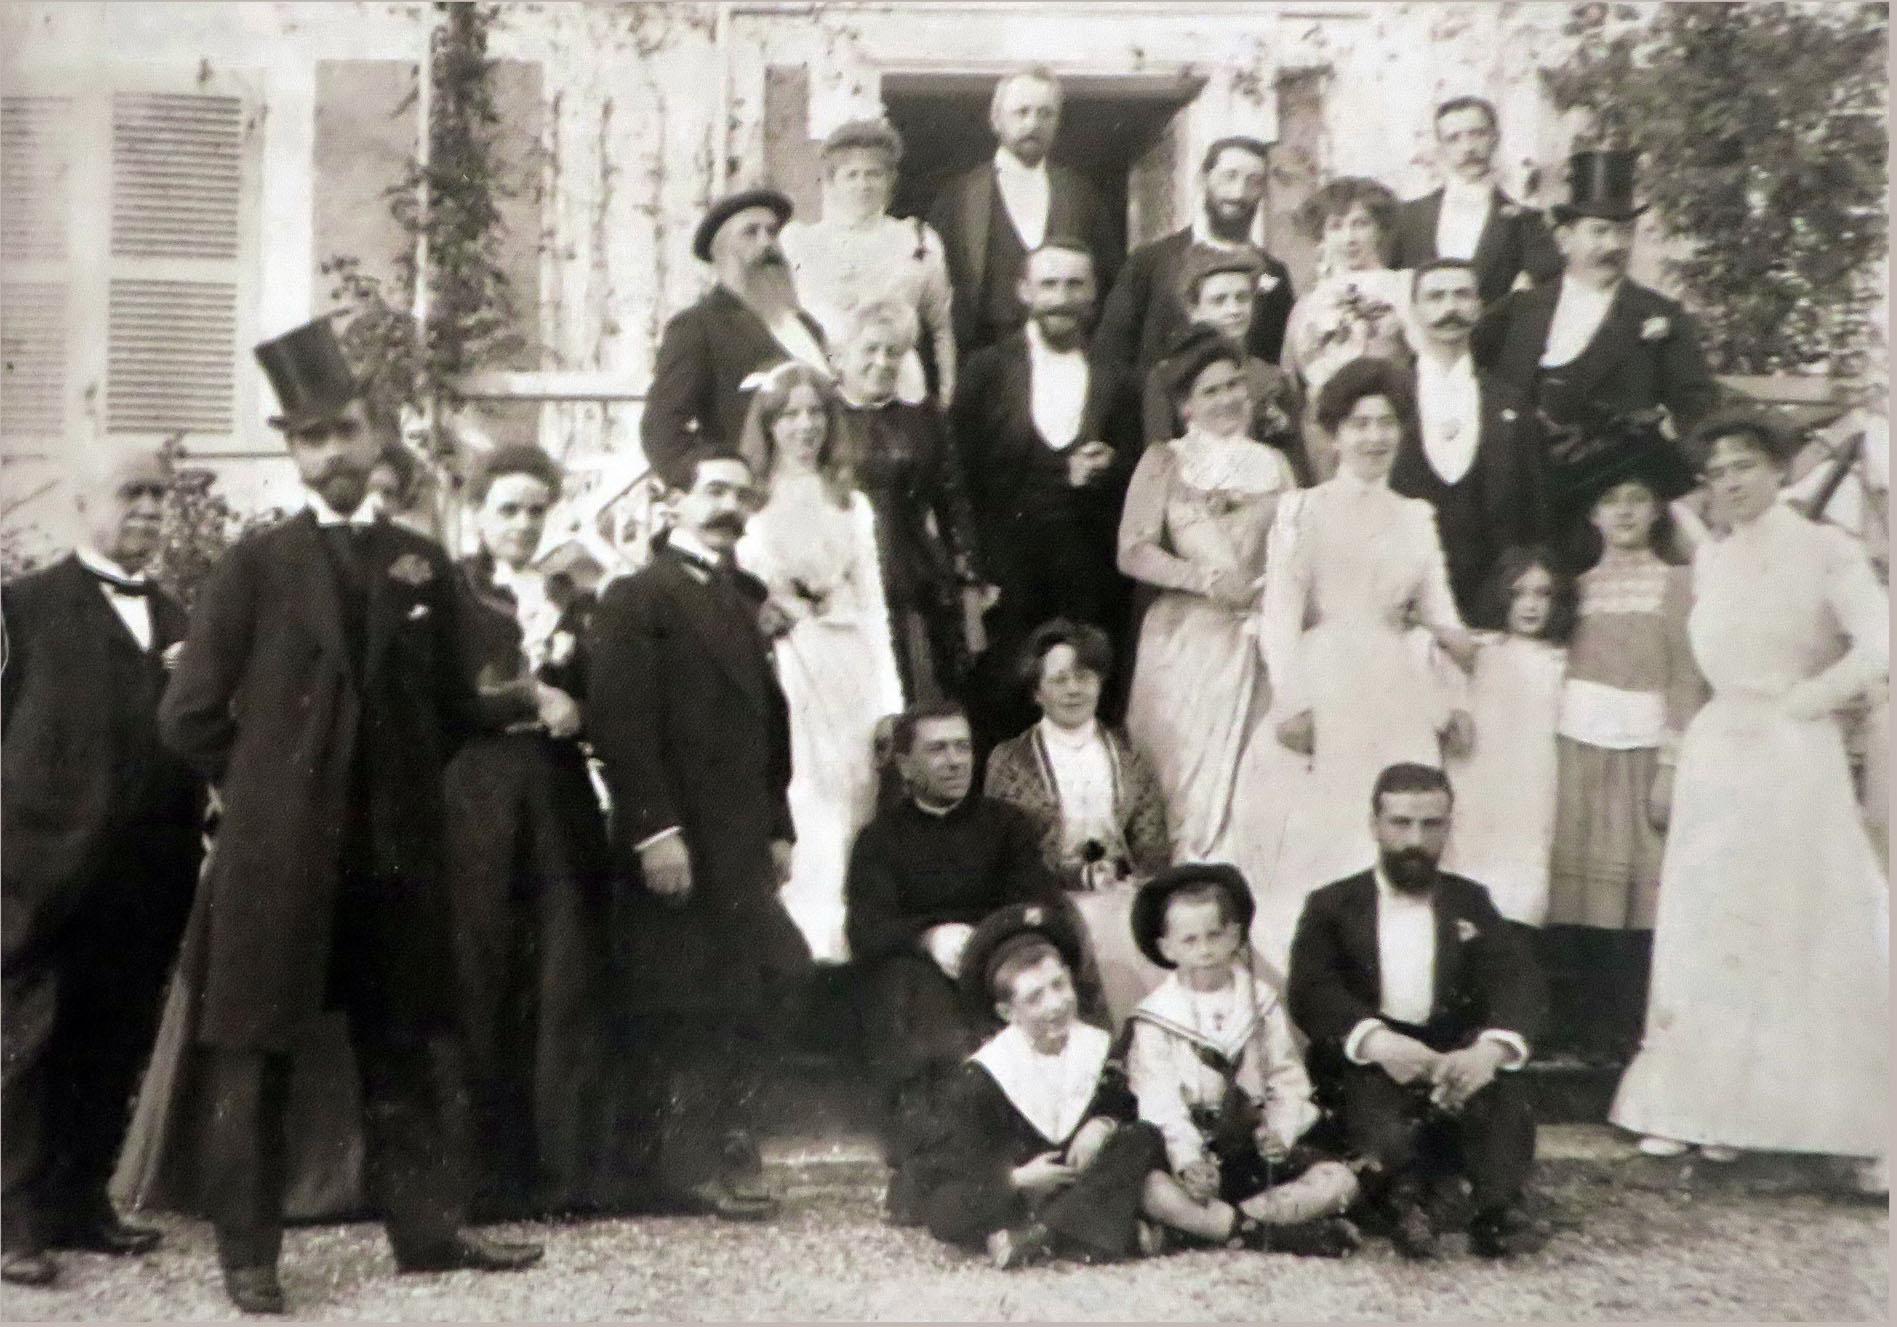 Giverny, 31 oktober 1900. Familjen Monet-Hoschedé firar äktenskapet mellan Marthe Hoschedé och Théodore Butler. Pierre Sisley sitter på marken till höger, hans syster Jeanne står bakom honom, Monet ligger på trappan till vänster. Bild via Flickr